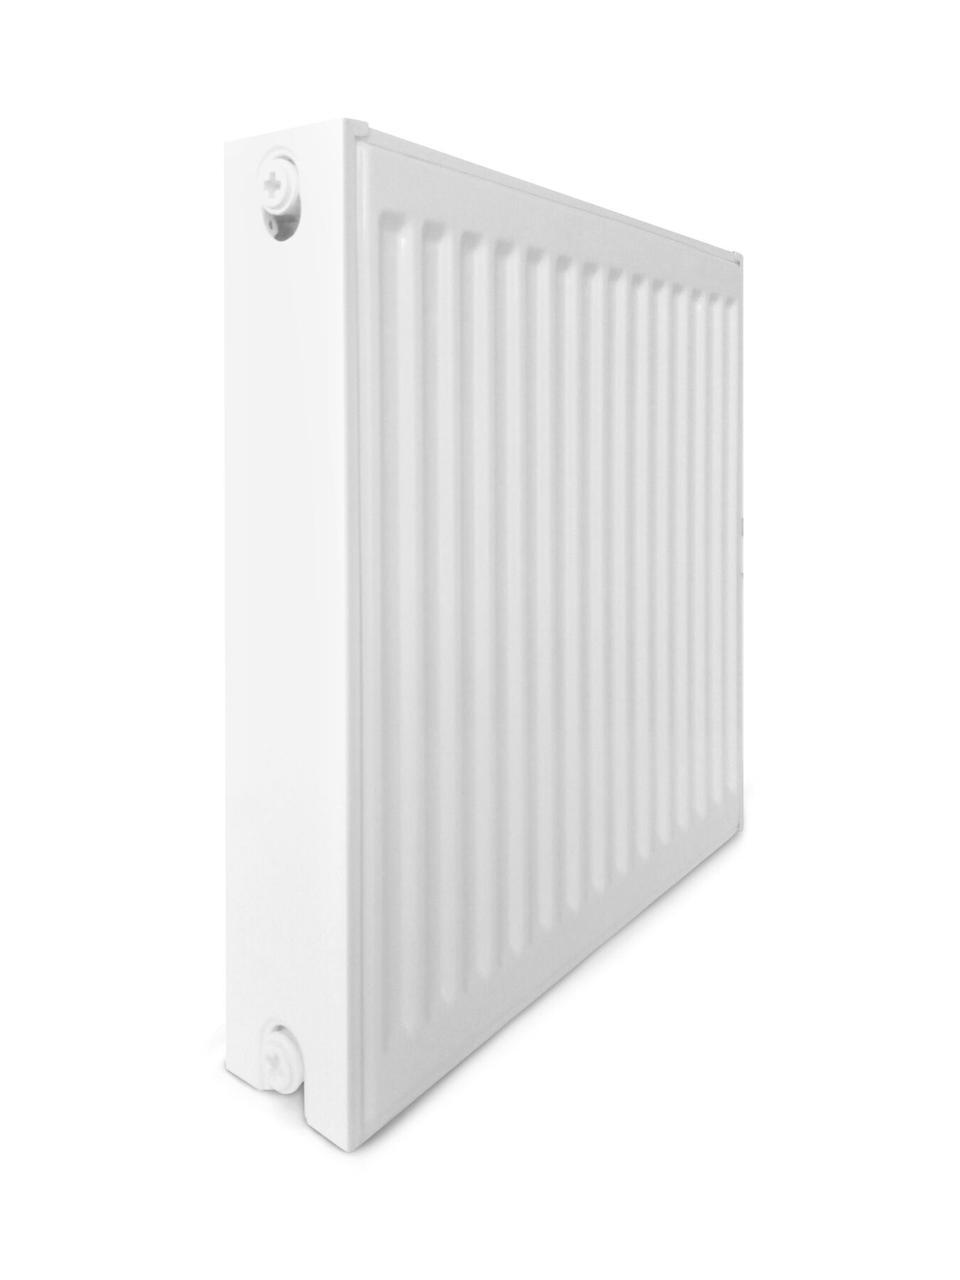 Радиатор стальной панельный Optimum 500x11х1100  (1169 Вт)